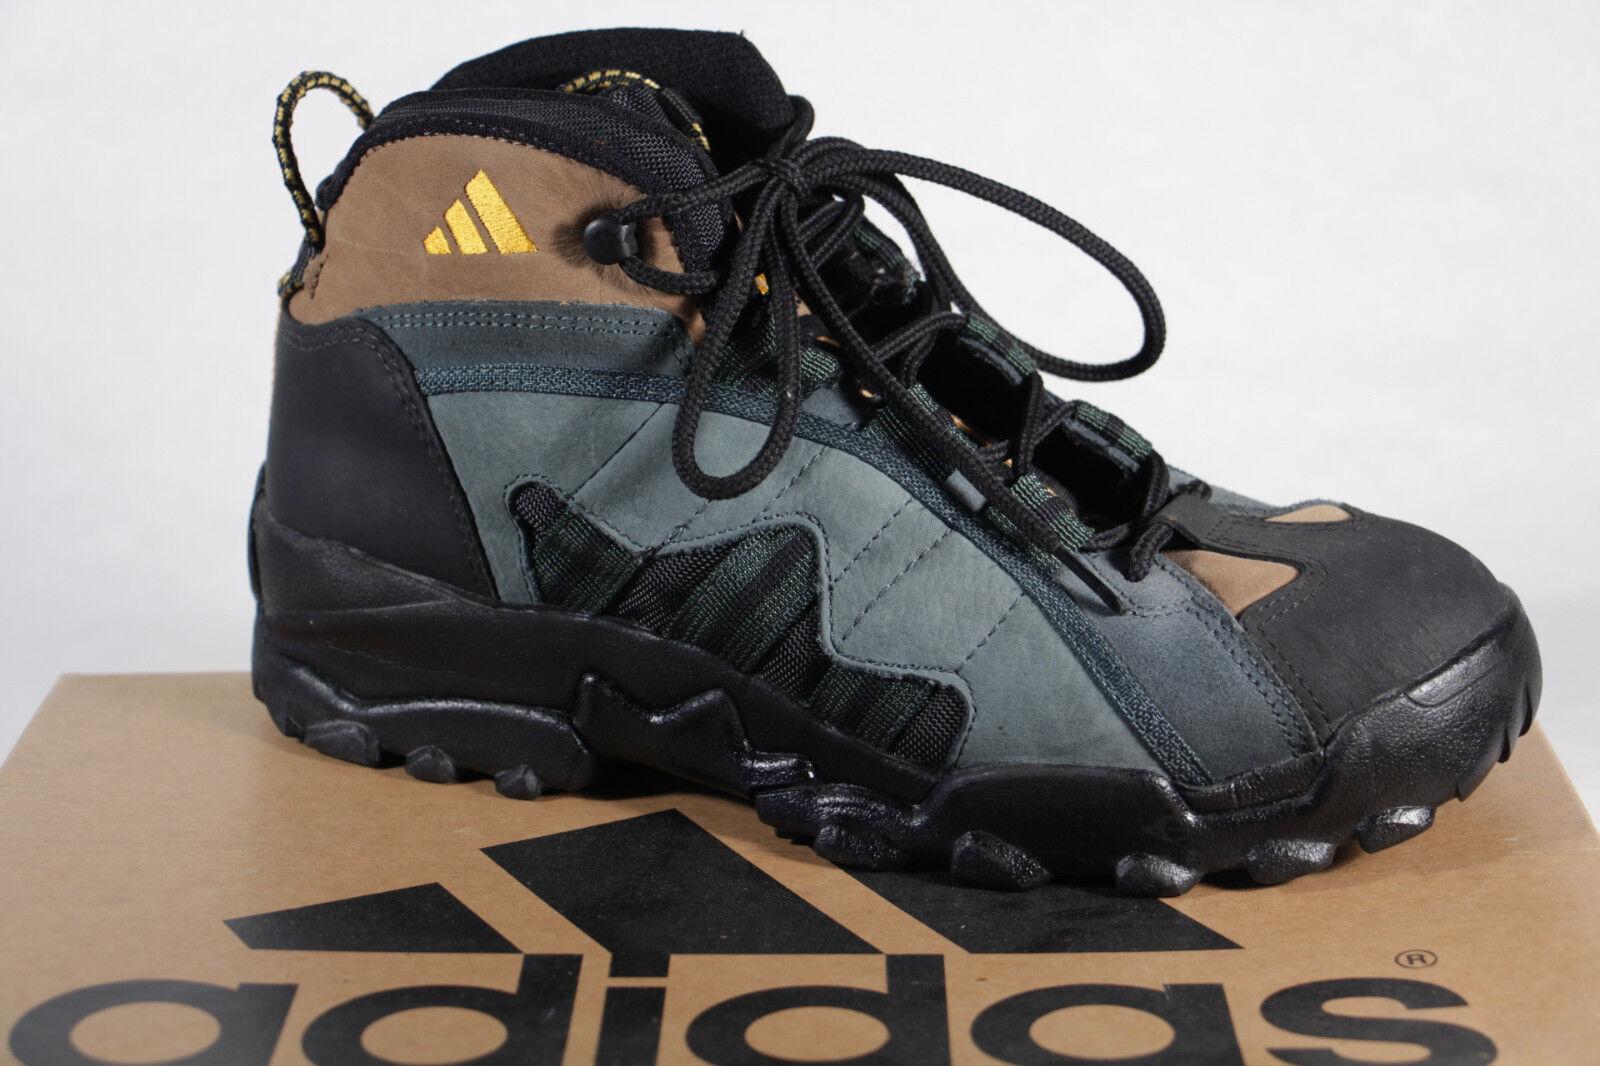 Adidas Herren Wanderstiefel A3 Leder Neu grün/braun/Negro  078433A3  Neu Leder a66177